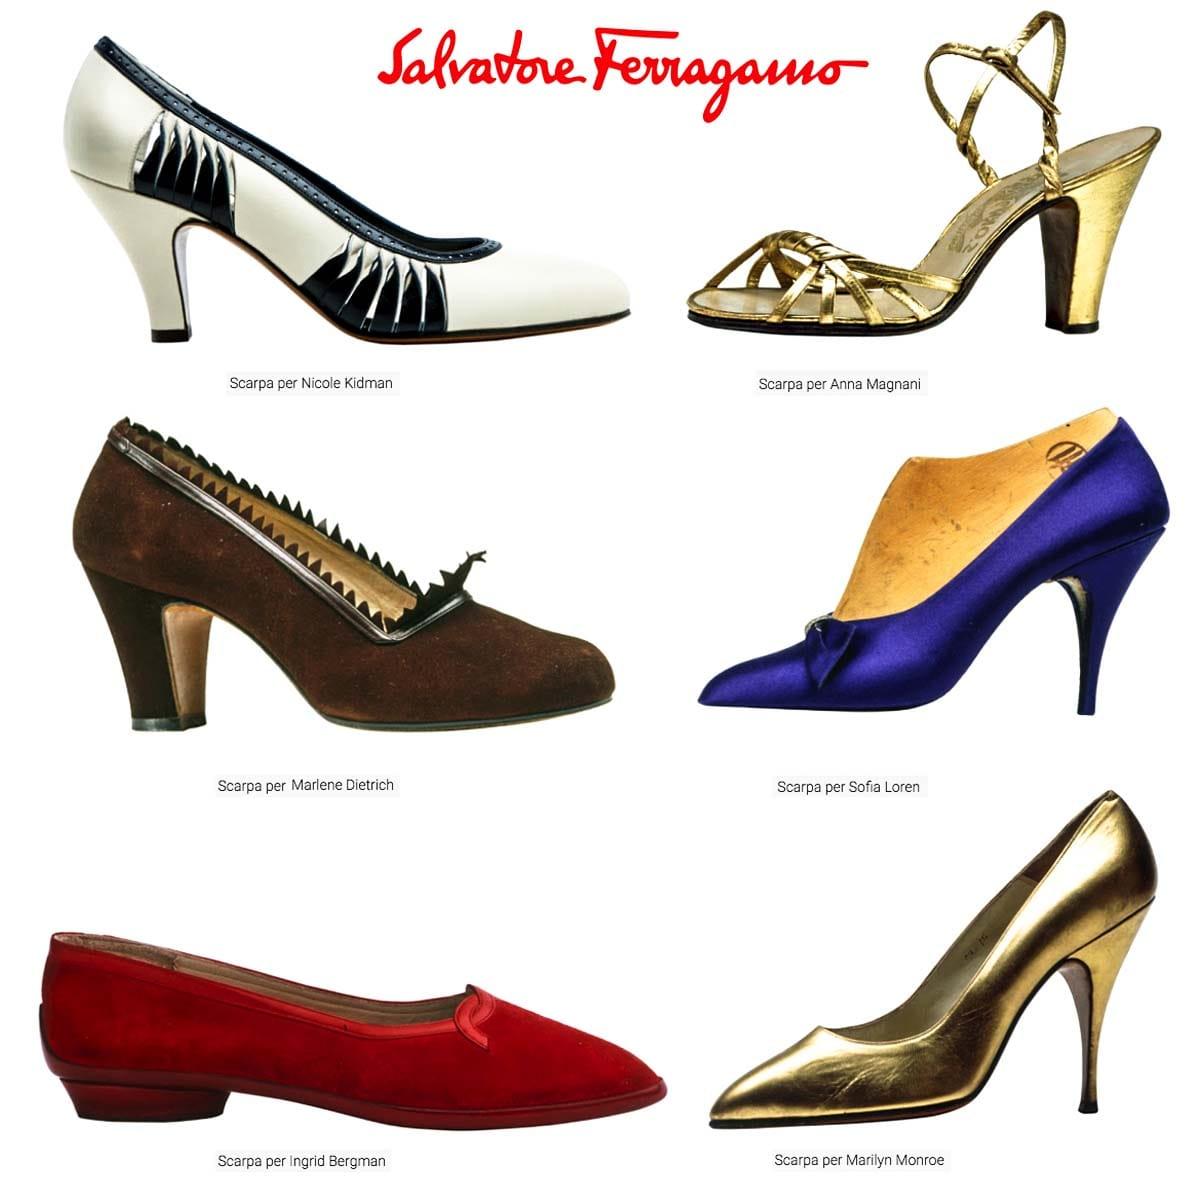 scarpe Salvatore Ferragamo-7-800x400